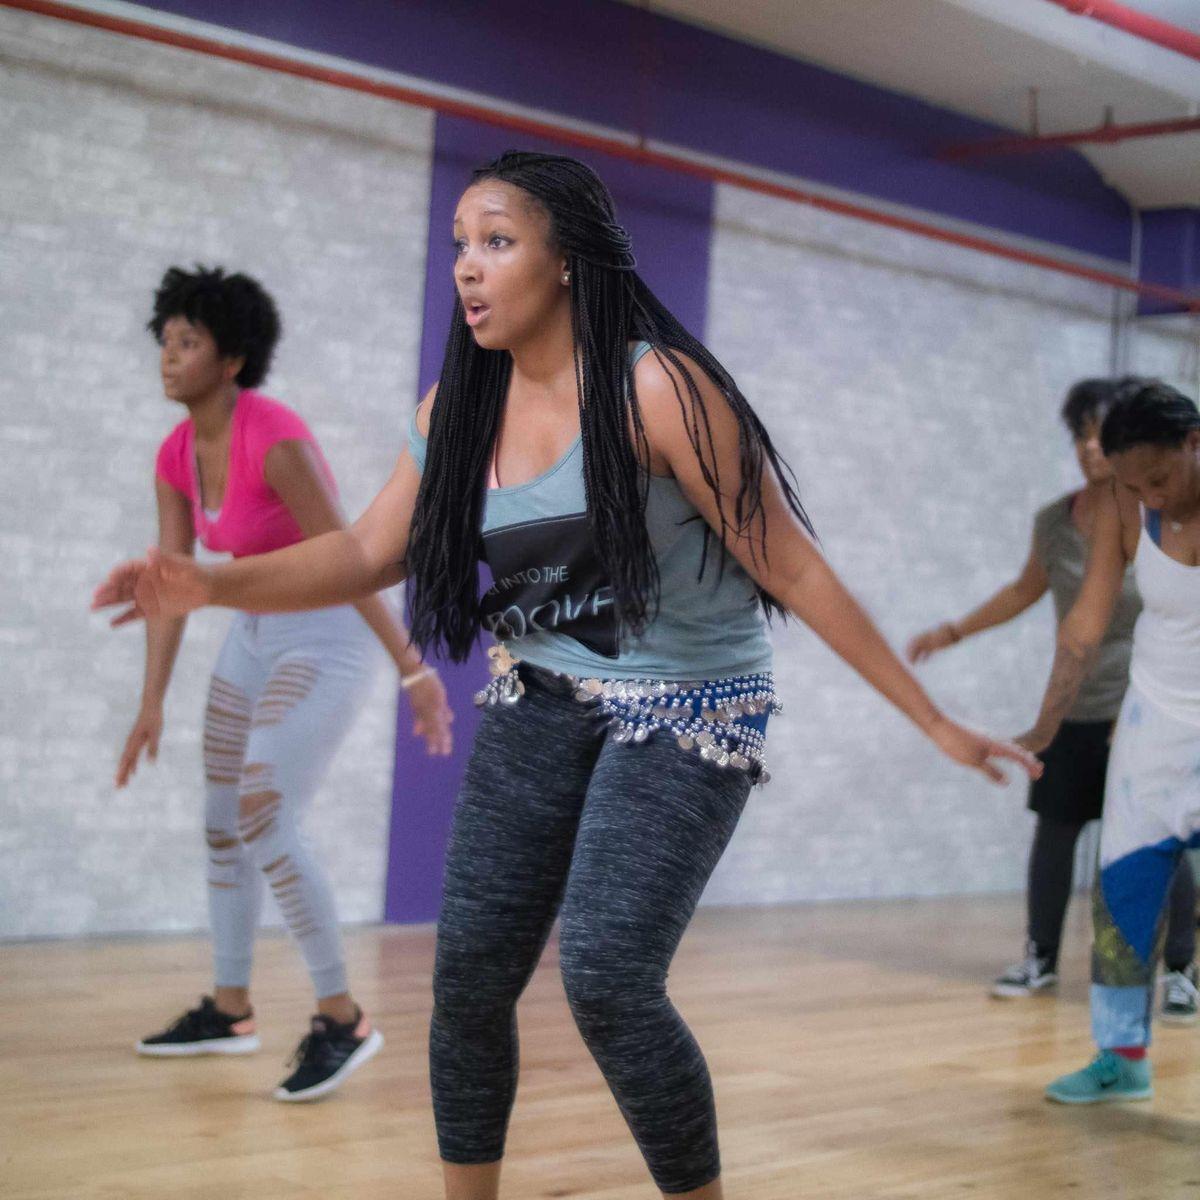 Dance Cardio with A TWIST